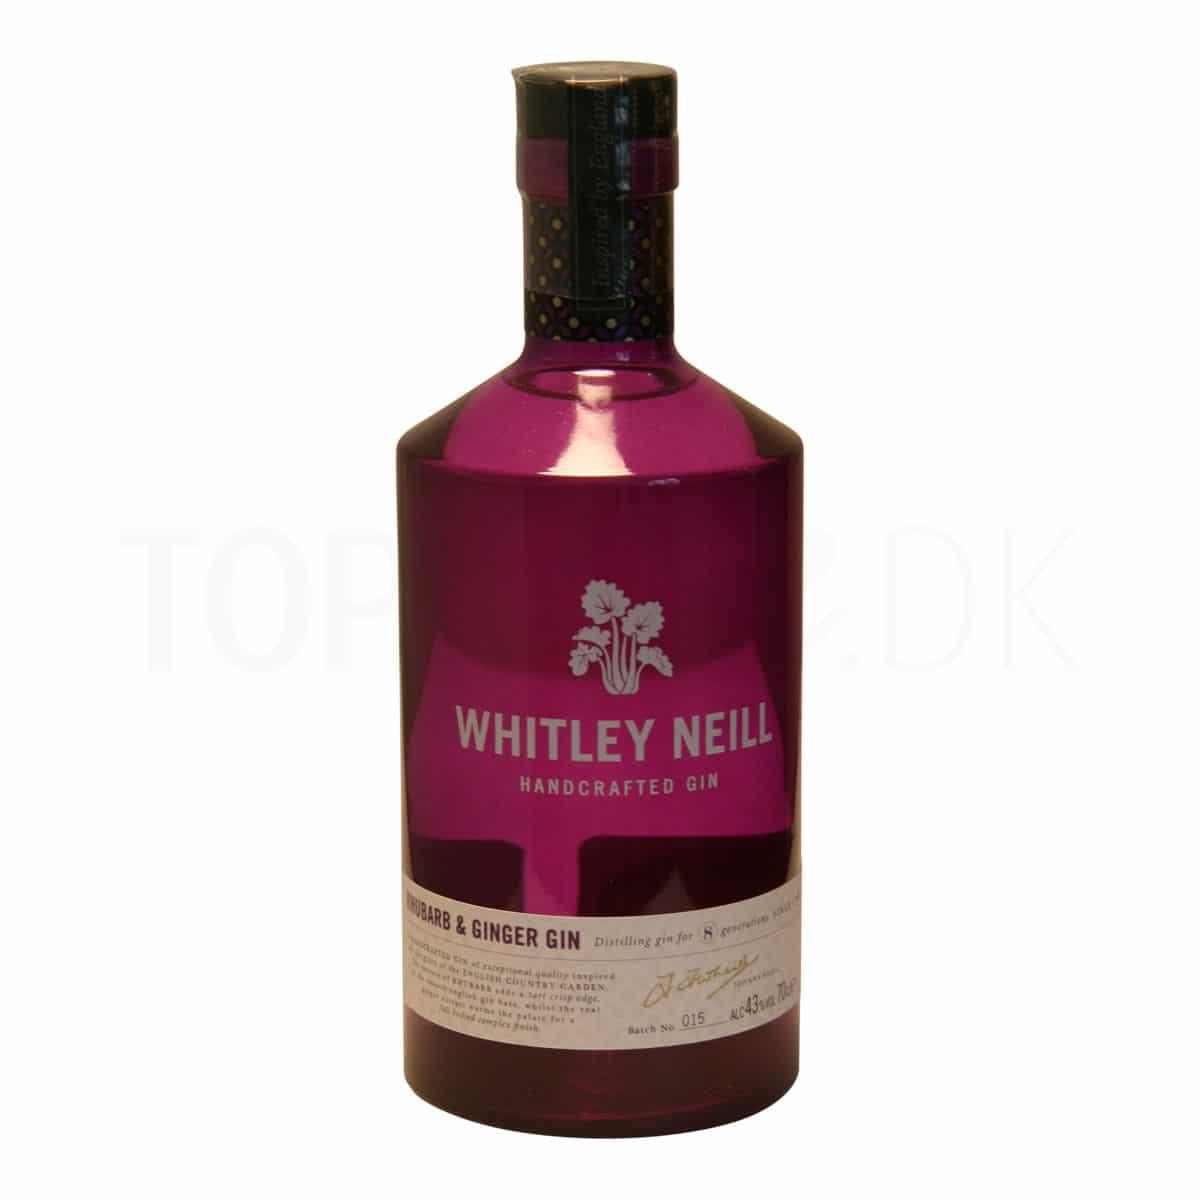 Topvine Whitley Neill rabarber og ingefaer gin